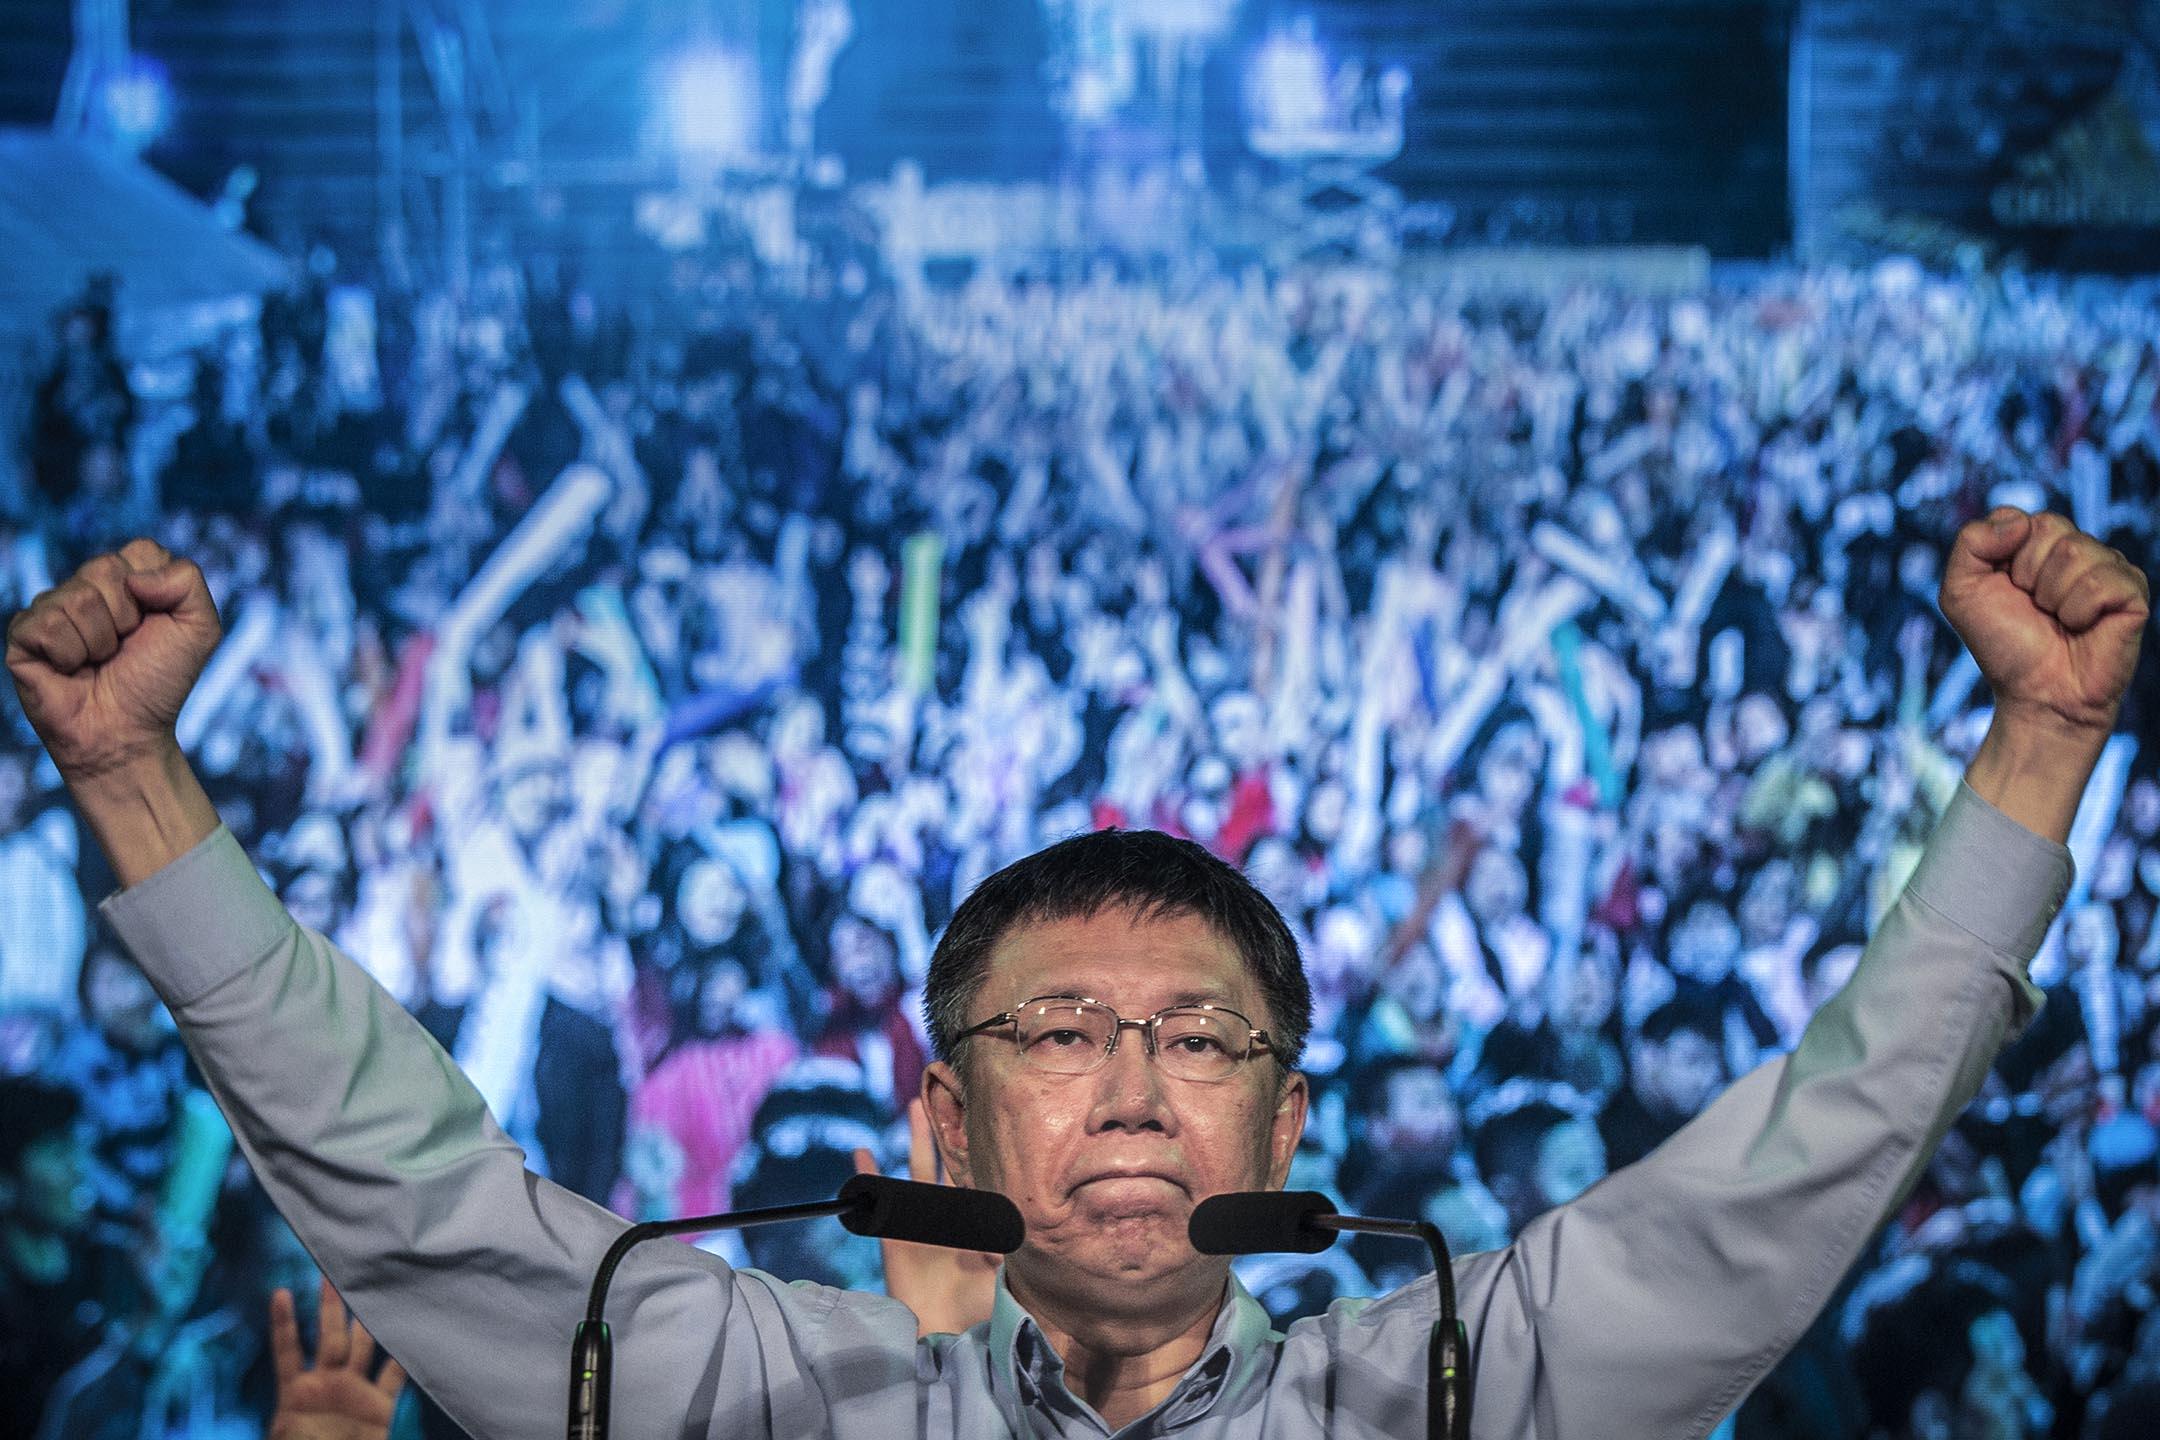 尋求連任的台北市長柯文哲確定以3254票,小於千分之三的得票差距擊敗國民黨提名的丁守中,連任台北市長。 攝:陳焯煇/端傳媒